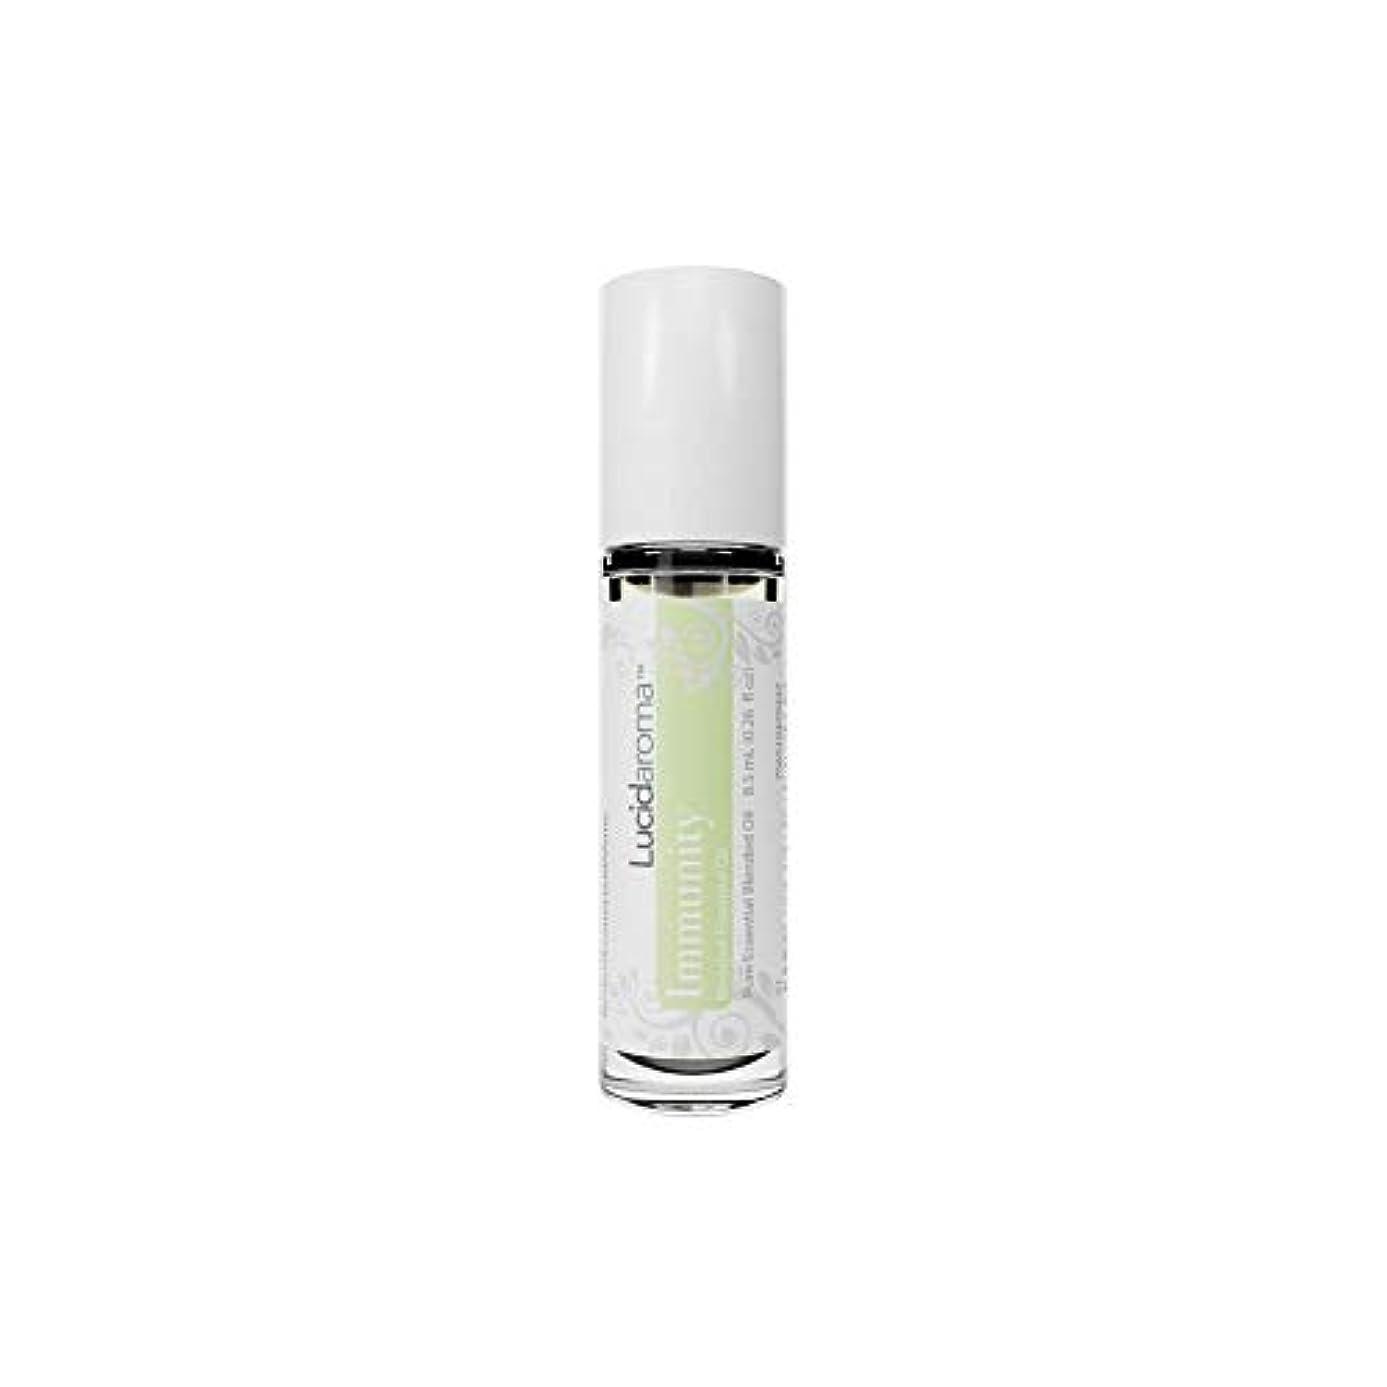 ジャンピングジャック補助金旅Lucid Aroma Immunity イミュニティ ブレンド ロールオン アロマオイル 8.5mL (塗るアロマ) 100%天然 携帯便利 ピュア エッセンシャル アメリカ製